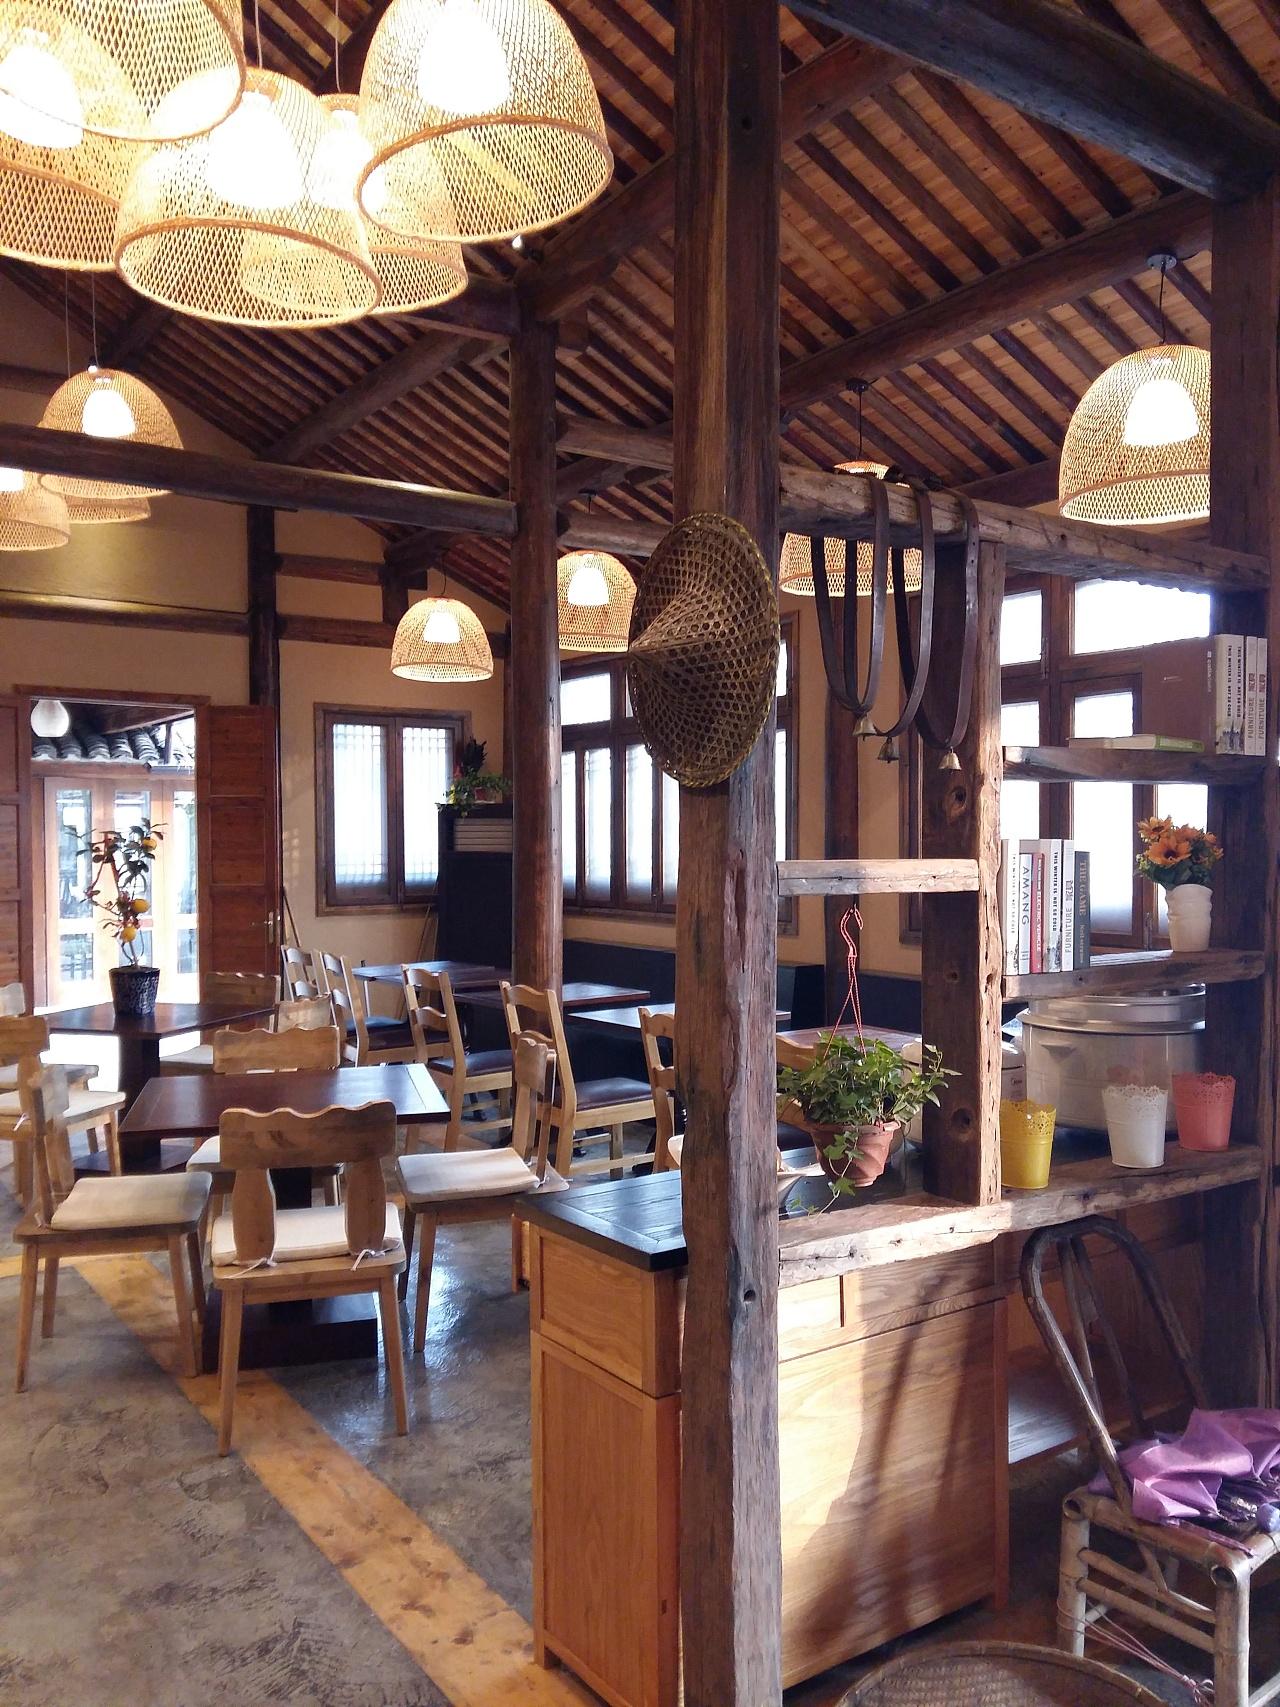 乌村空间|名宿|室内设计|叶钺-原创作品-站酷哪里有学平面设计的图片